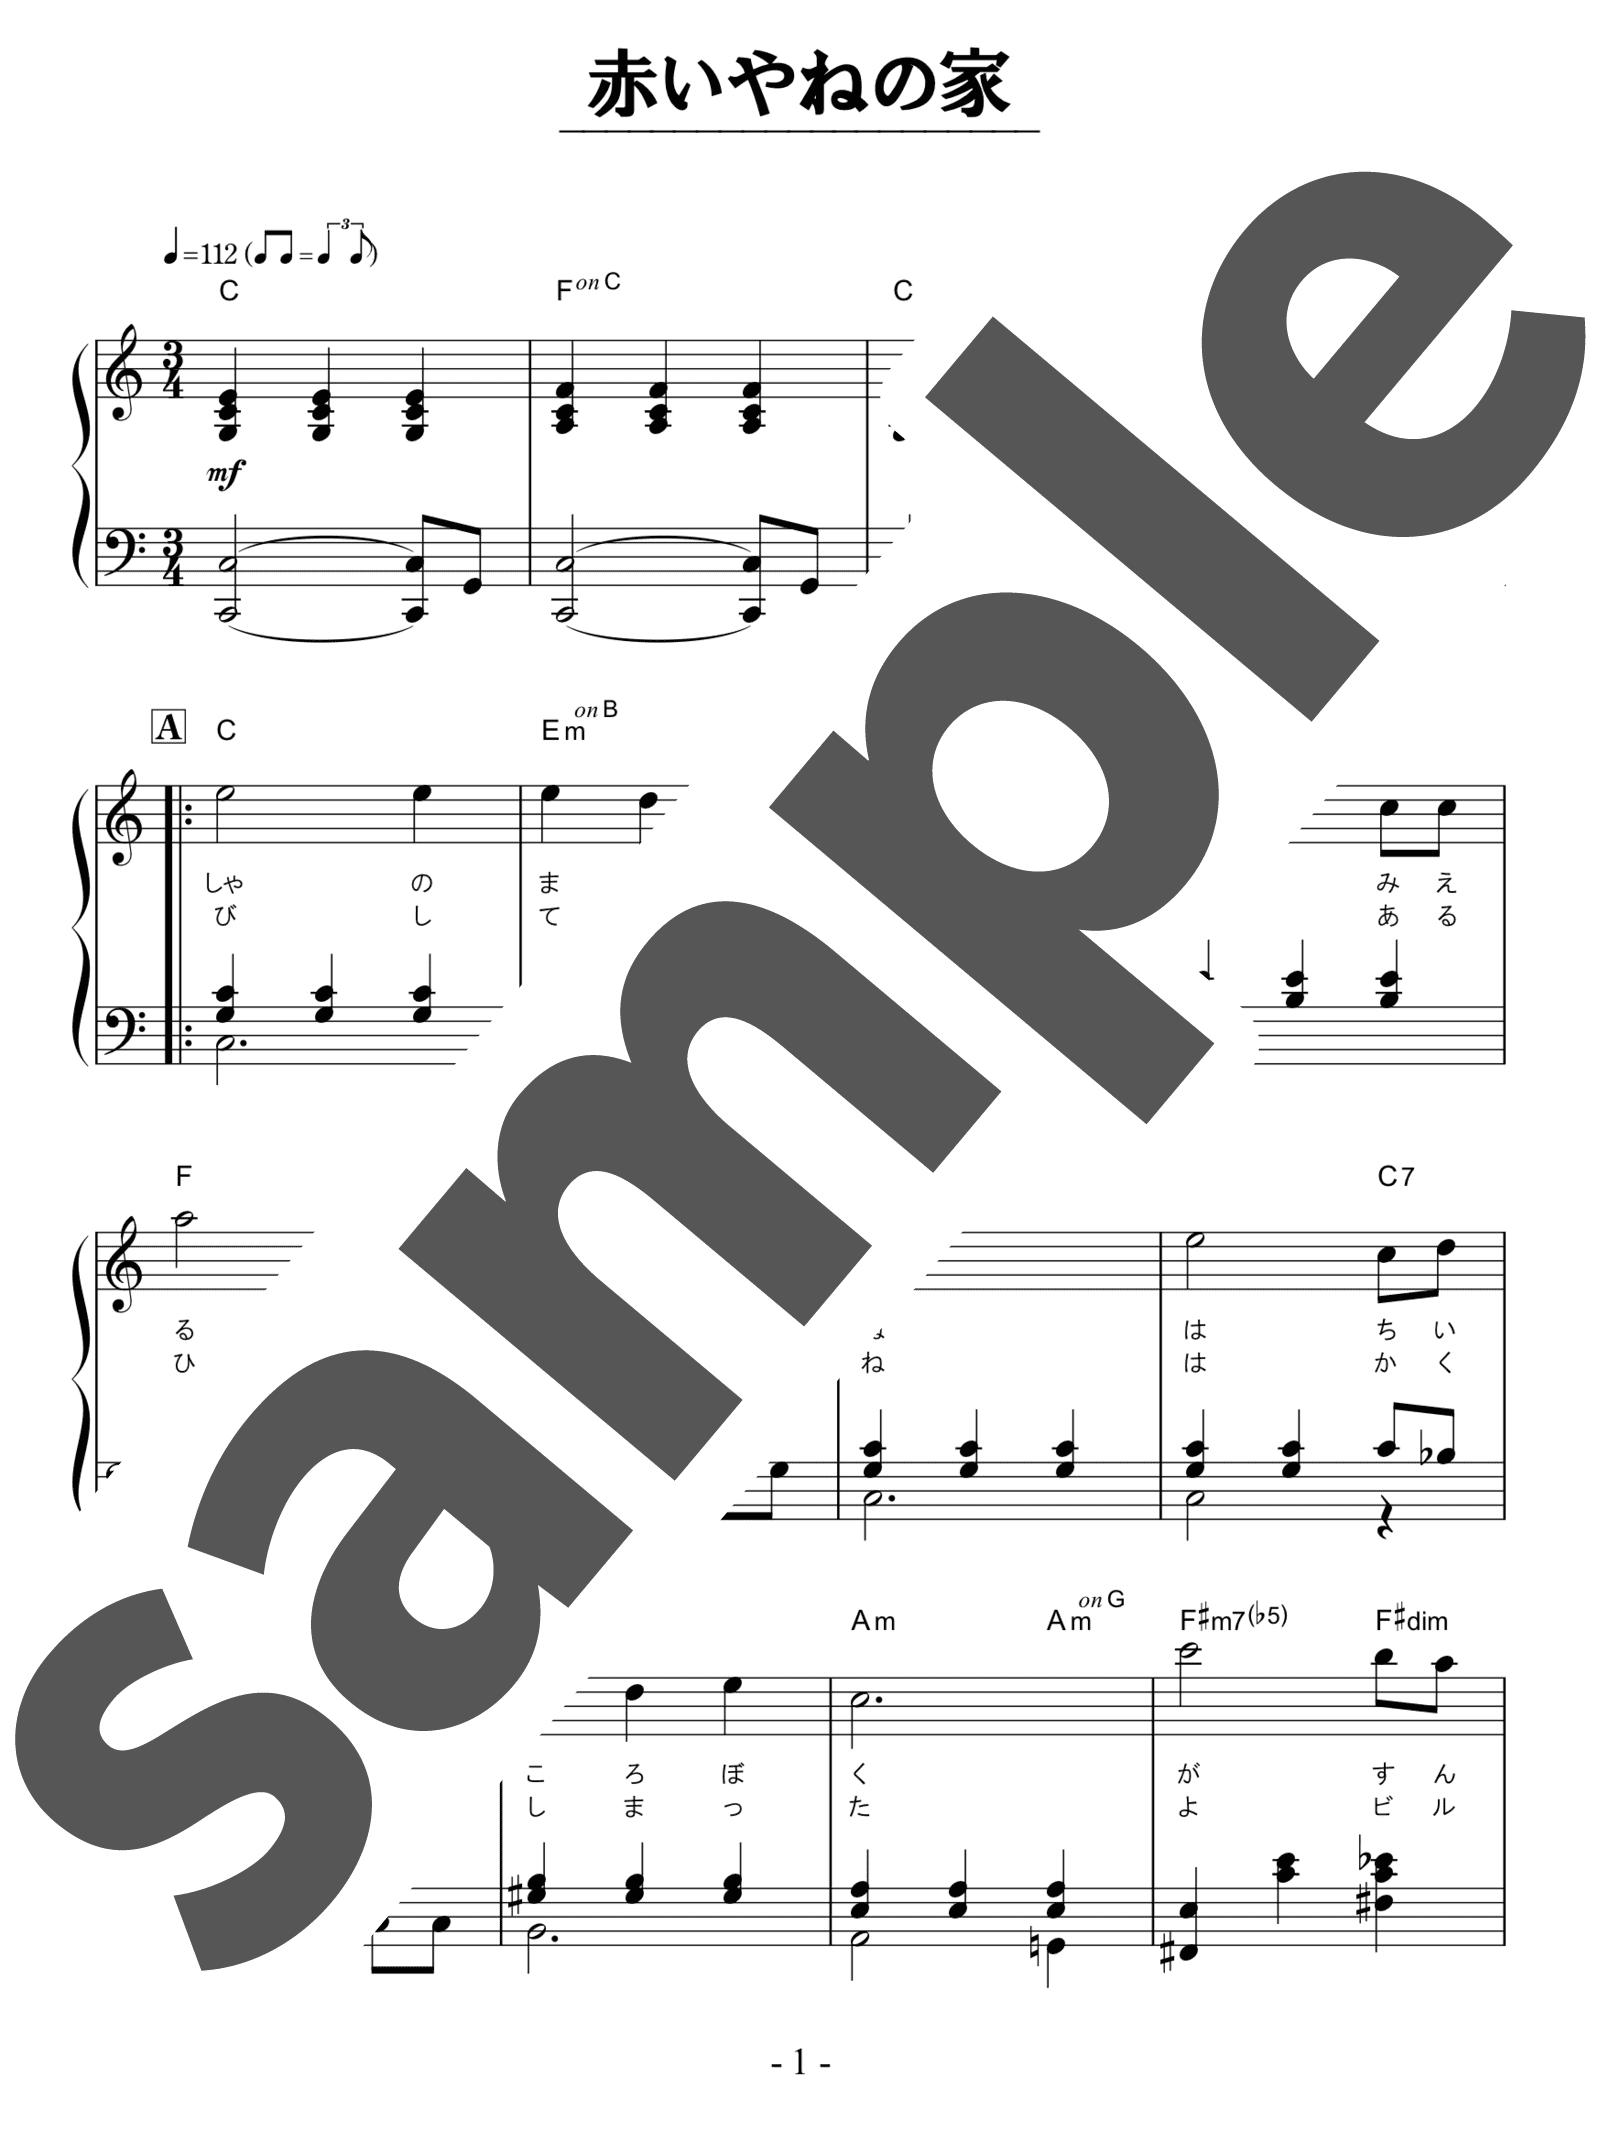 「赤いやねの家」のサンプル楽譜